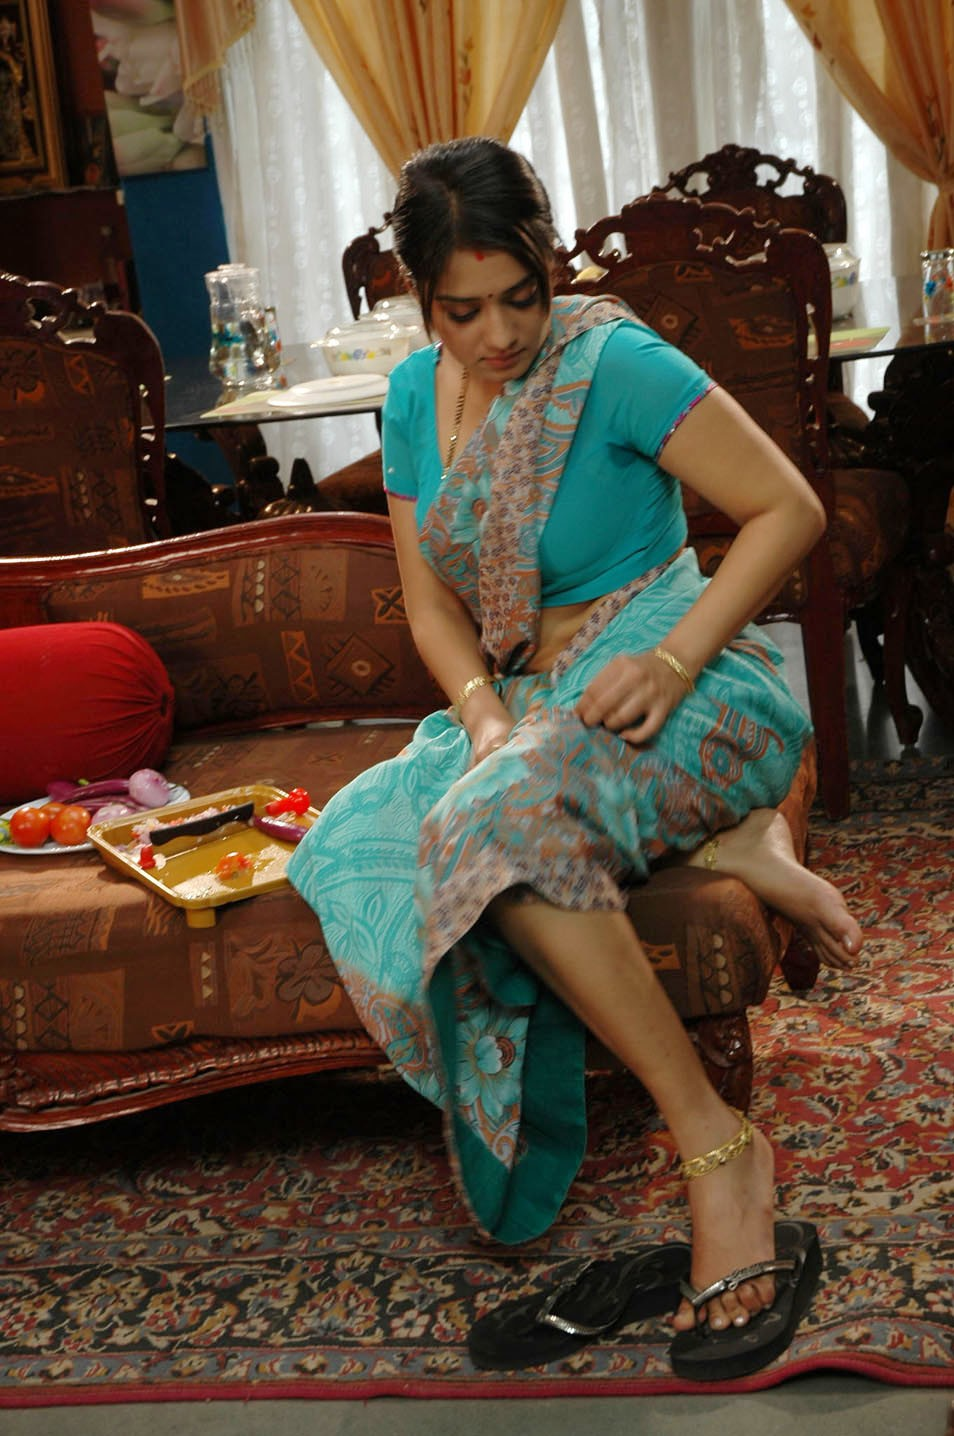 Beautiful Indian Actress Cute Photos, Movie Stills 072712-7489